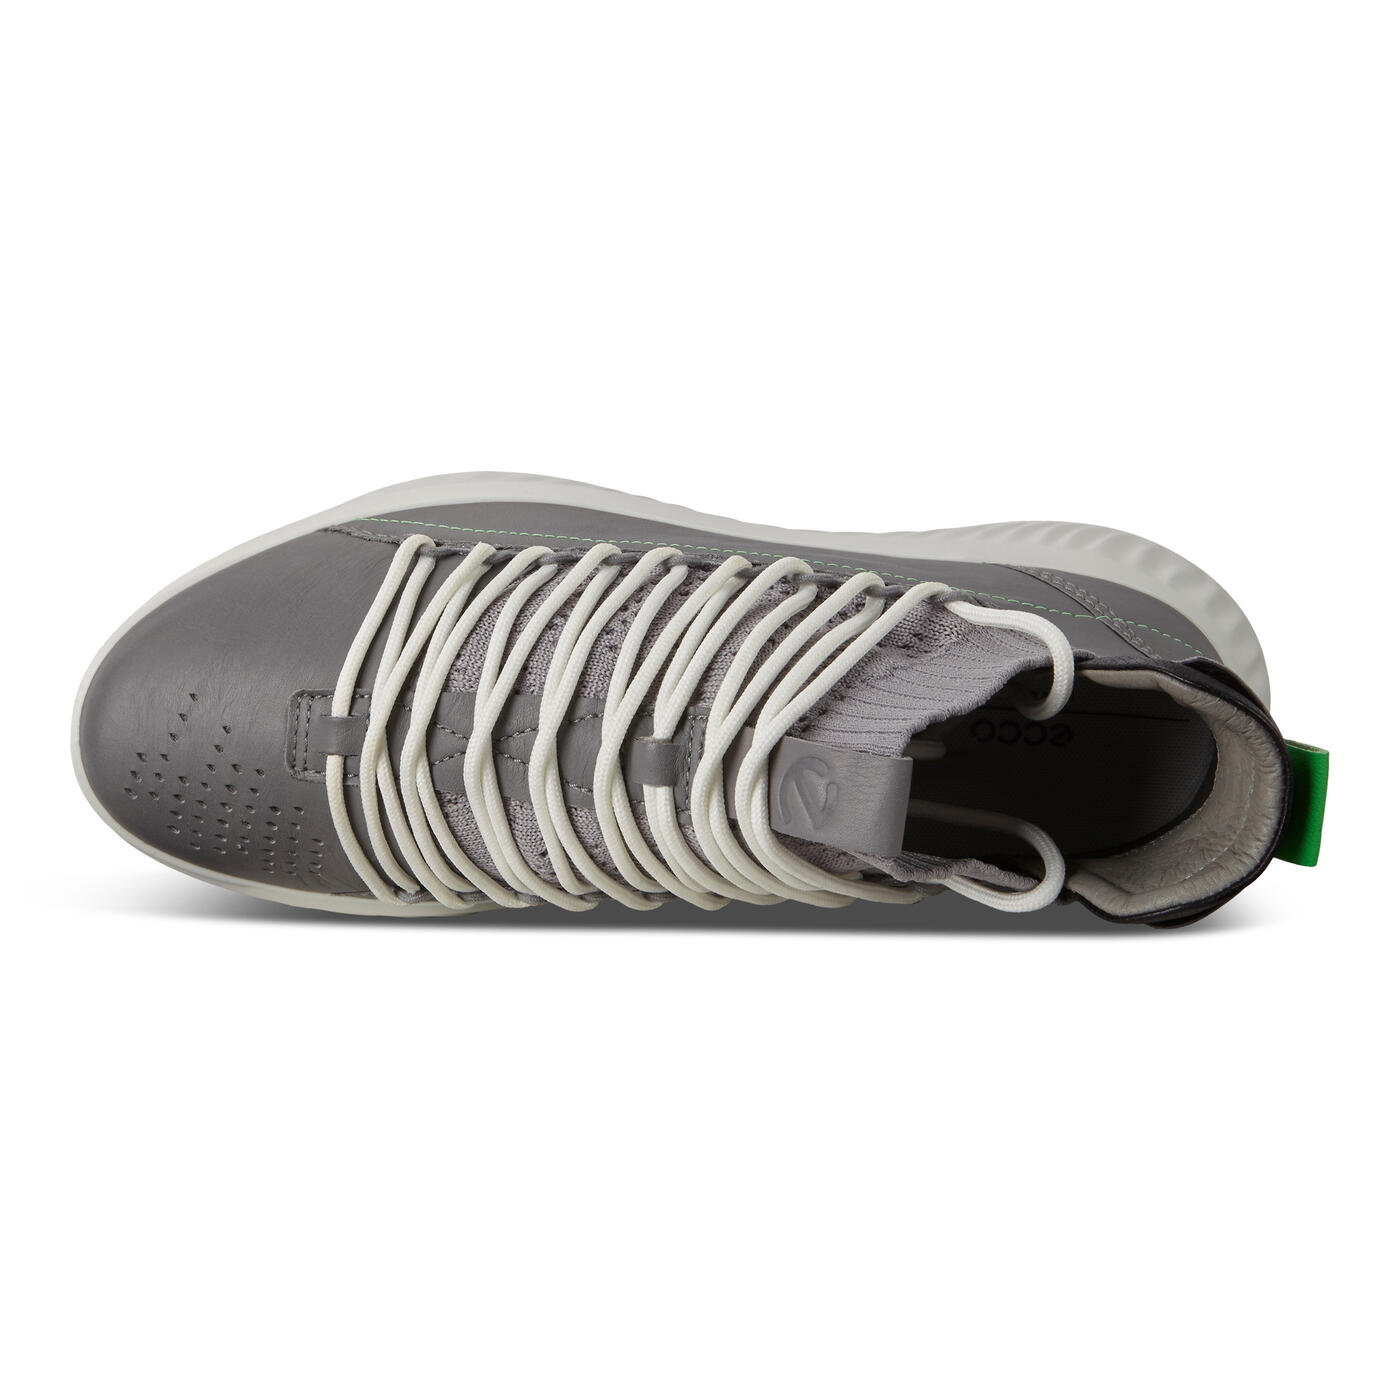 ECCO ST.1 Lite Men's Sock Sneakers